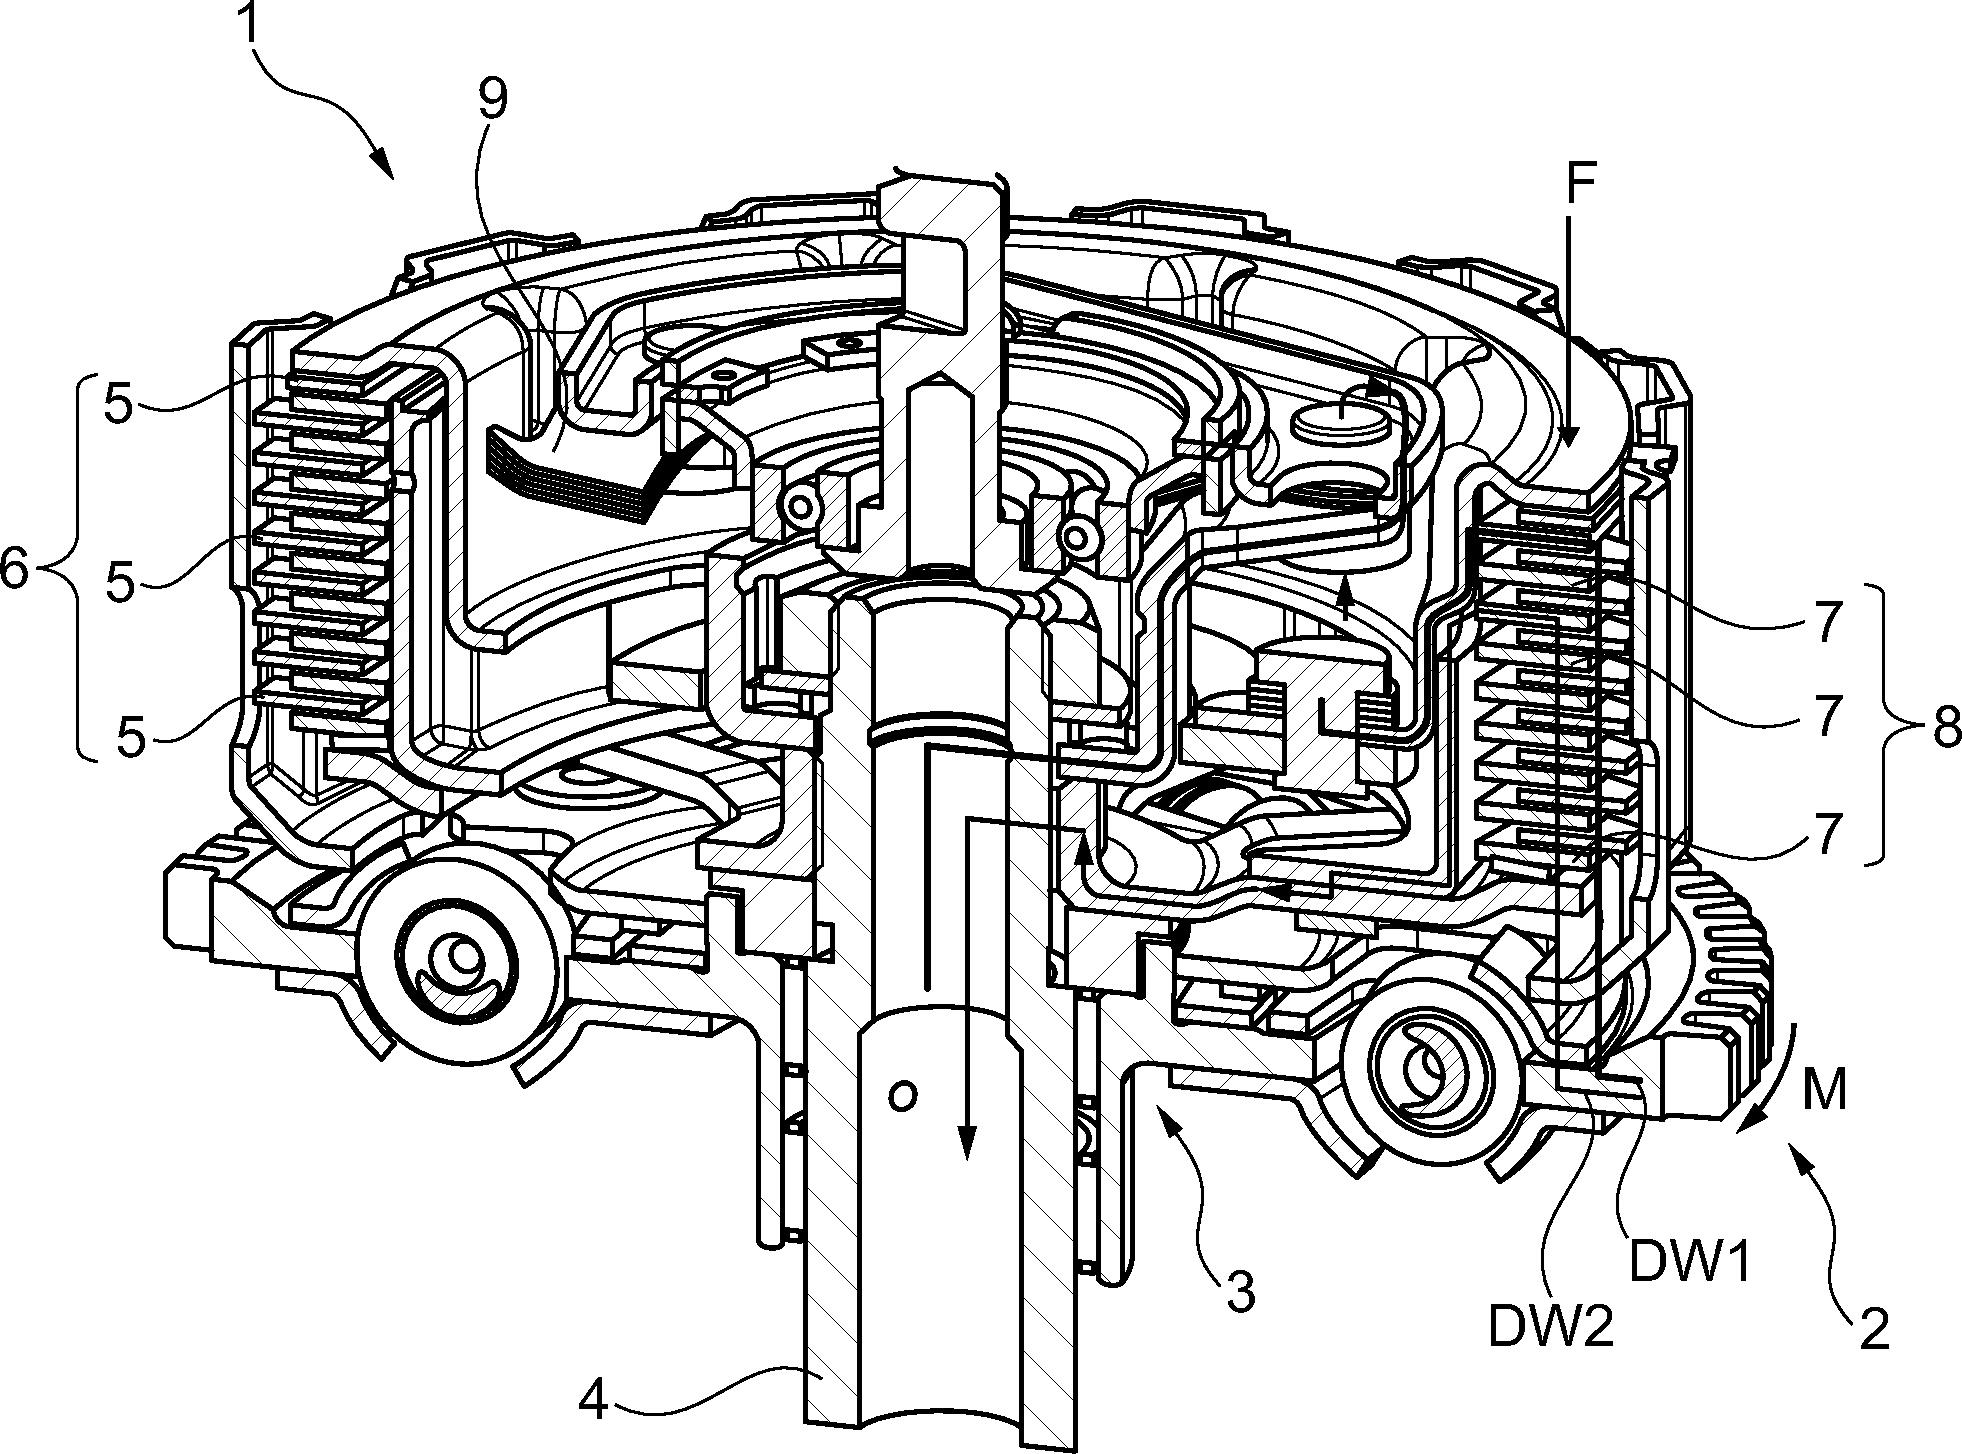 Figure DE102016207116B3_0001